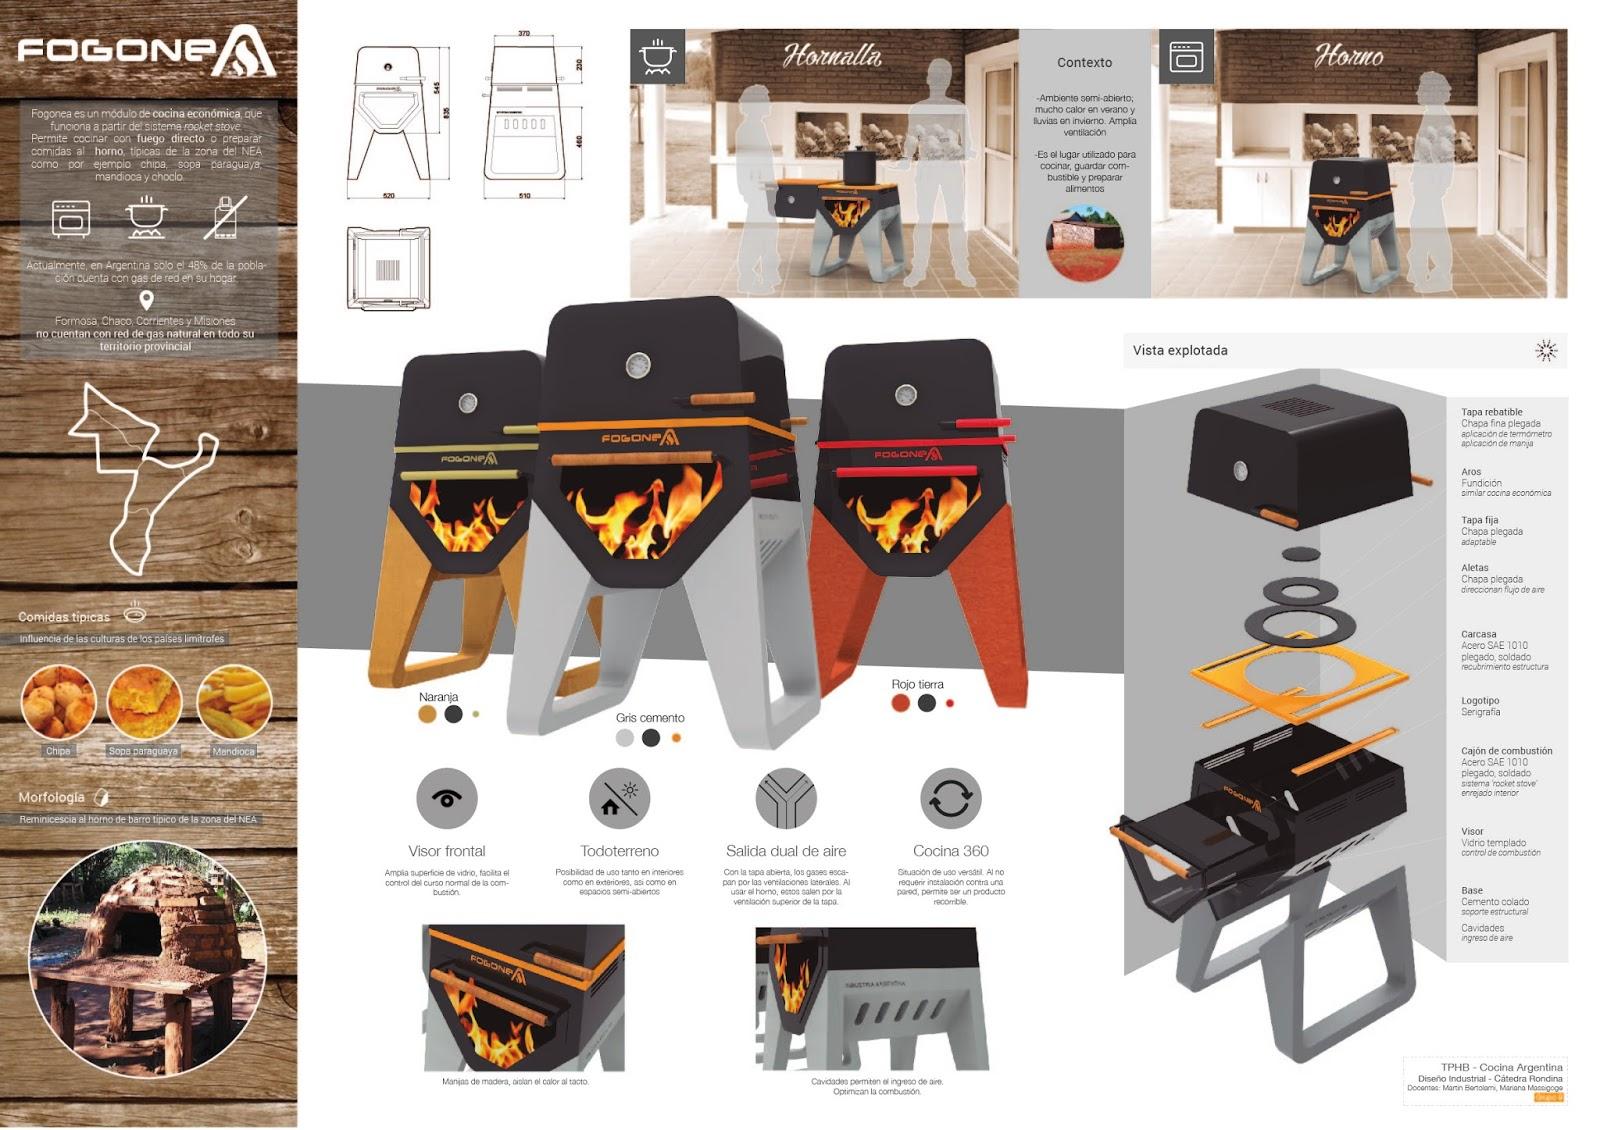 Catedra rondina dise o industrial fadu uba innovar 2016 for Diseno cocina economica